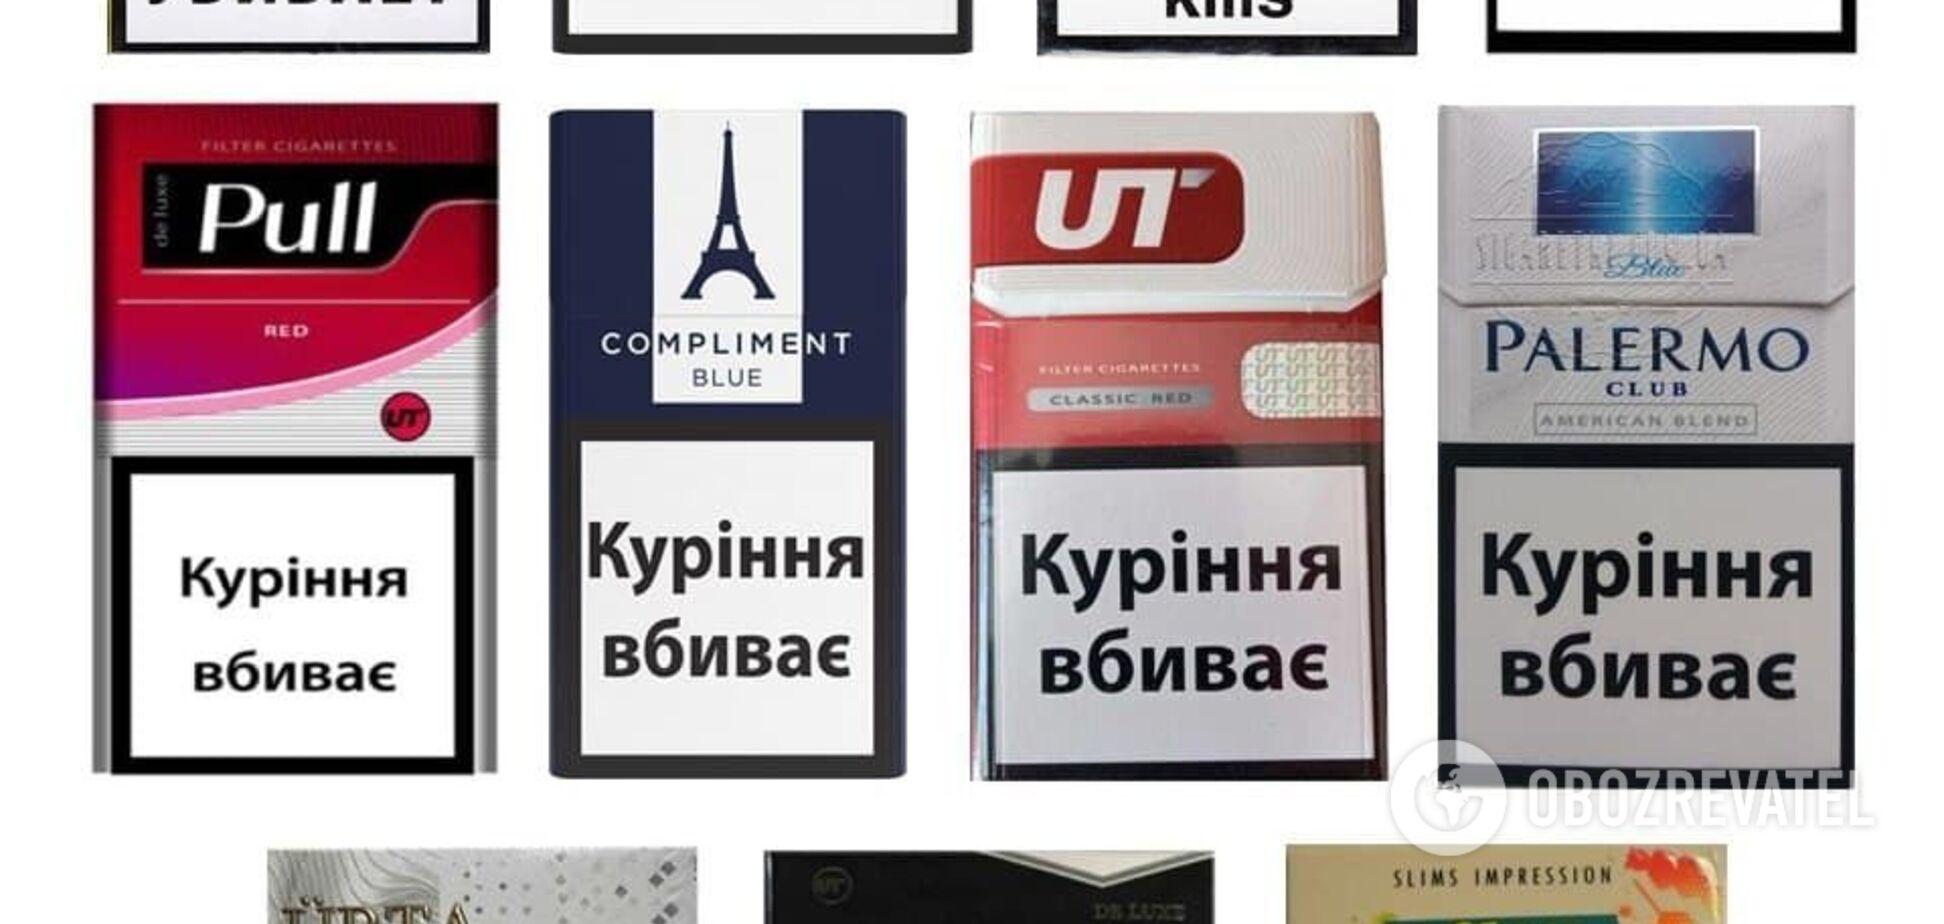 Сигареты, которые продают через нелегальные схемы